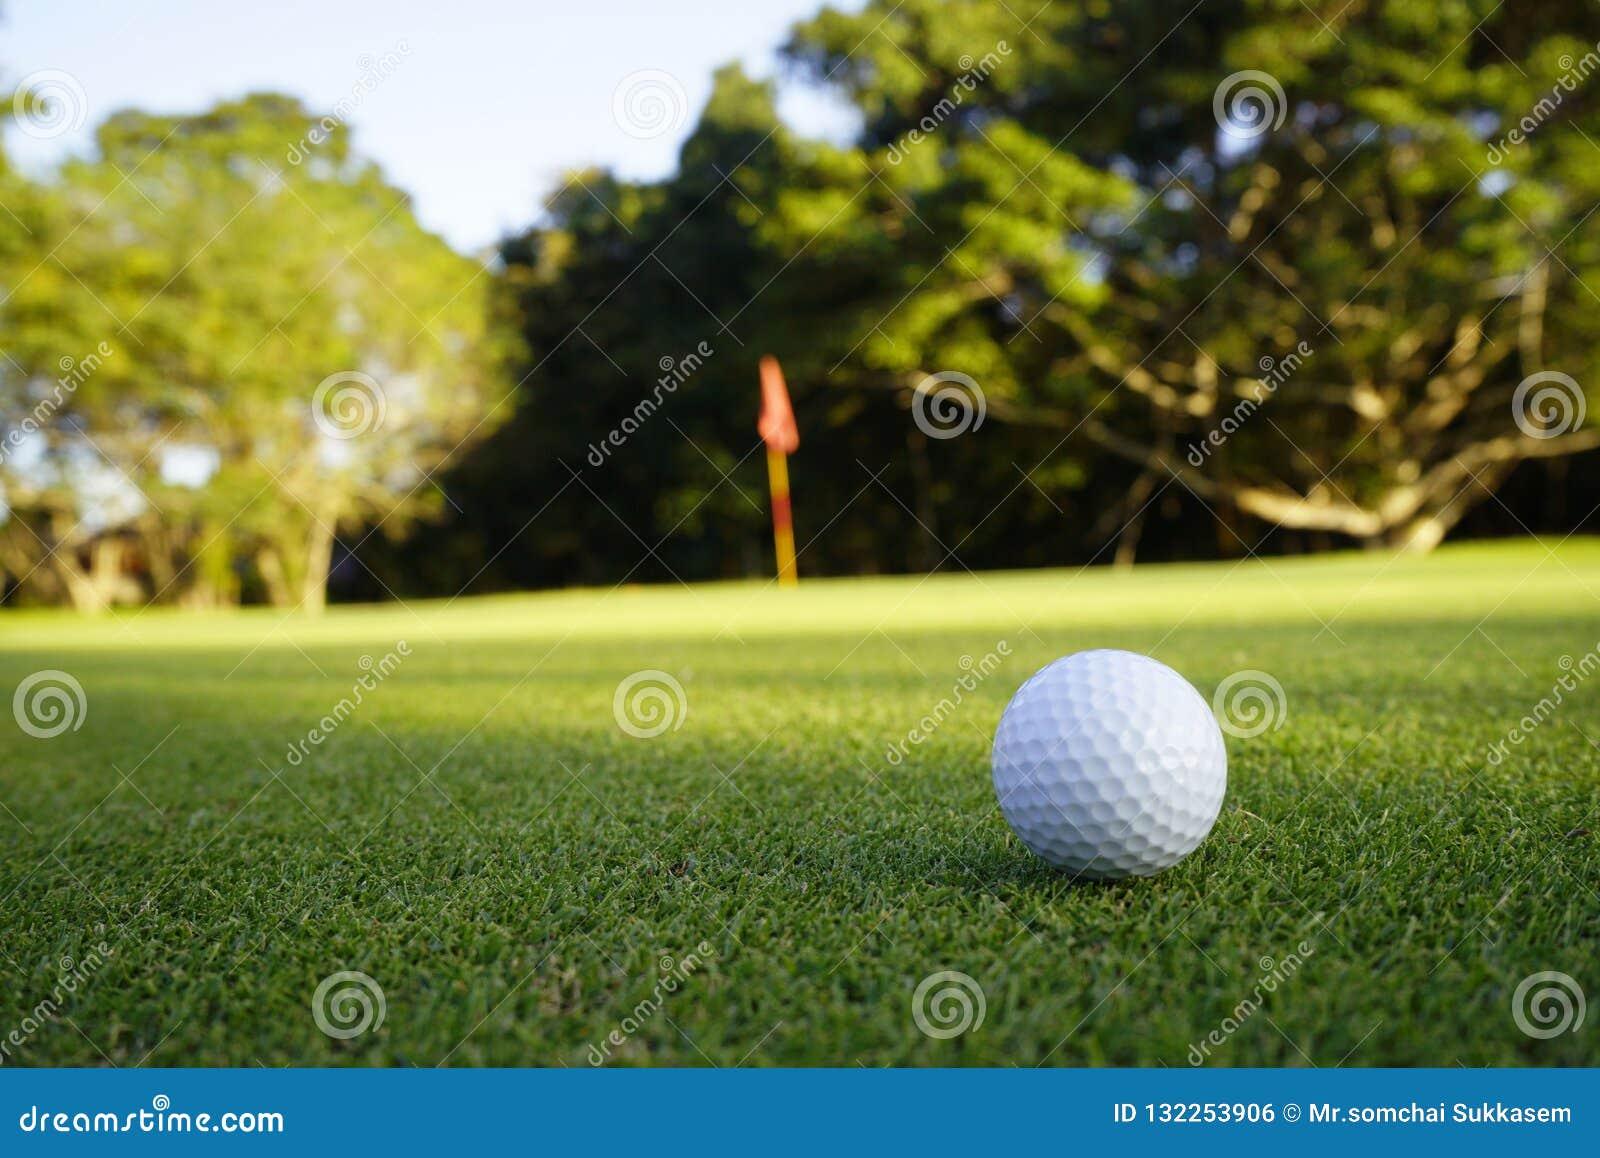 Golfball auf Grün im schönen Golfplatz am Sonnenunterganghintergrund